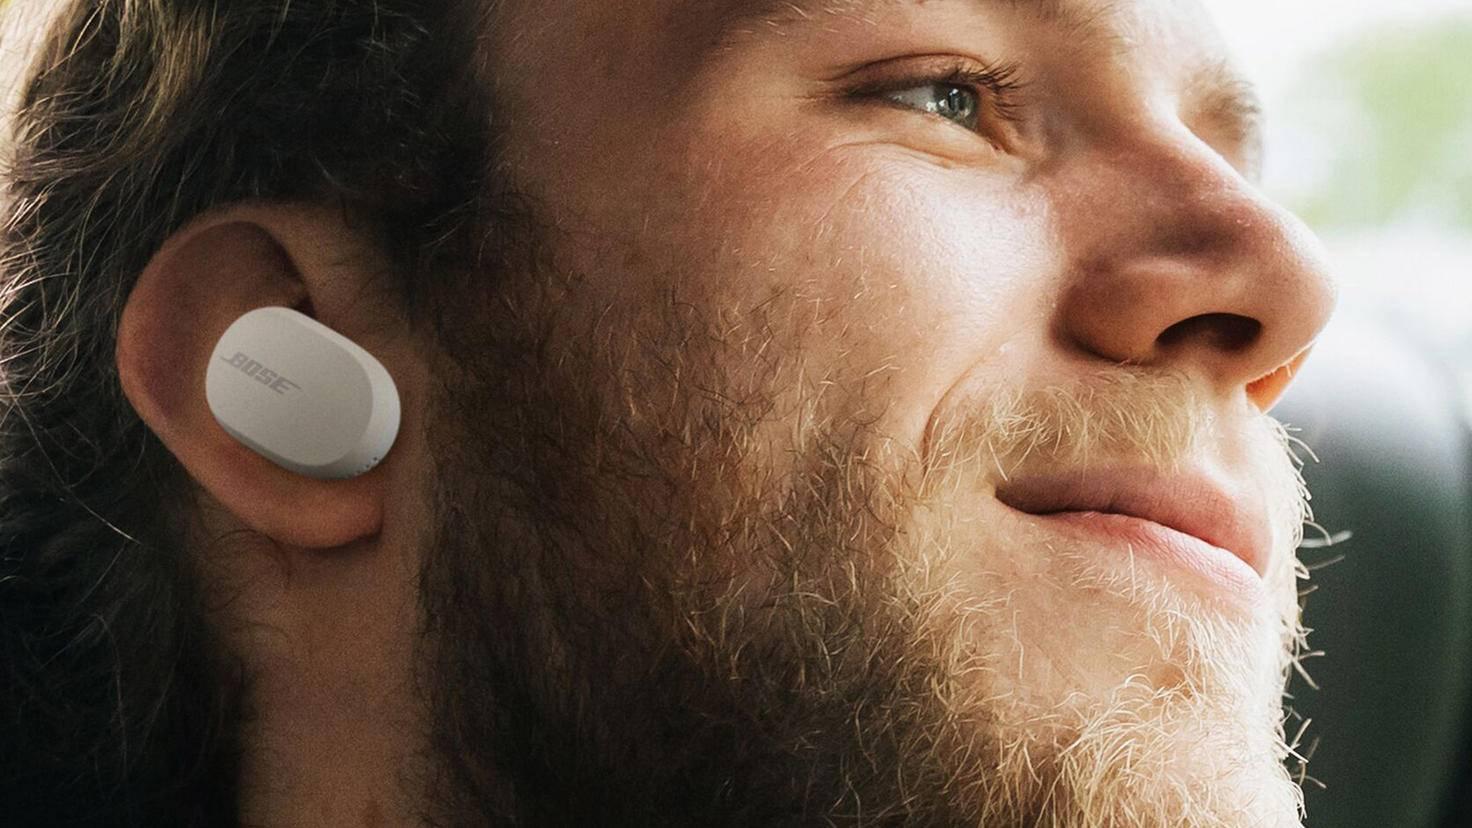 Die Bose-Kopfhörer müssen hingegen nach spätestens 16 Stunden wieder an die Steckdose.